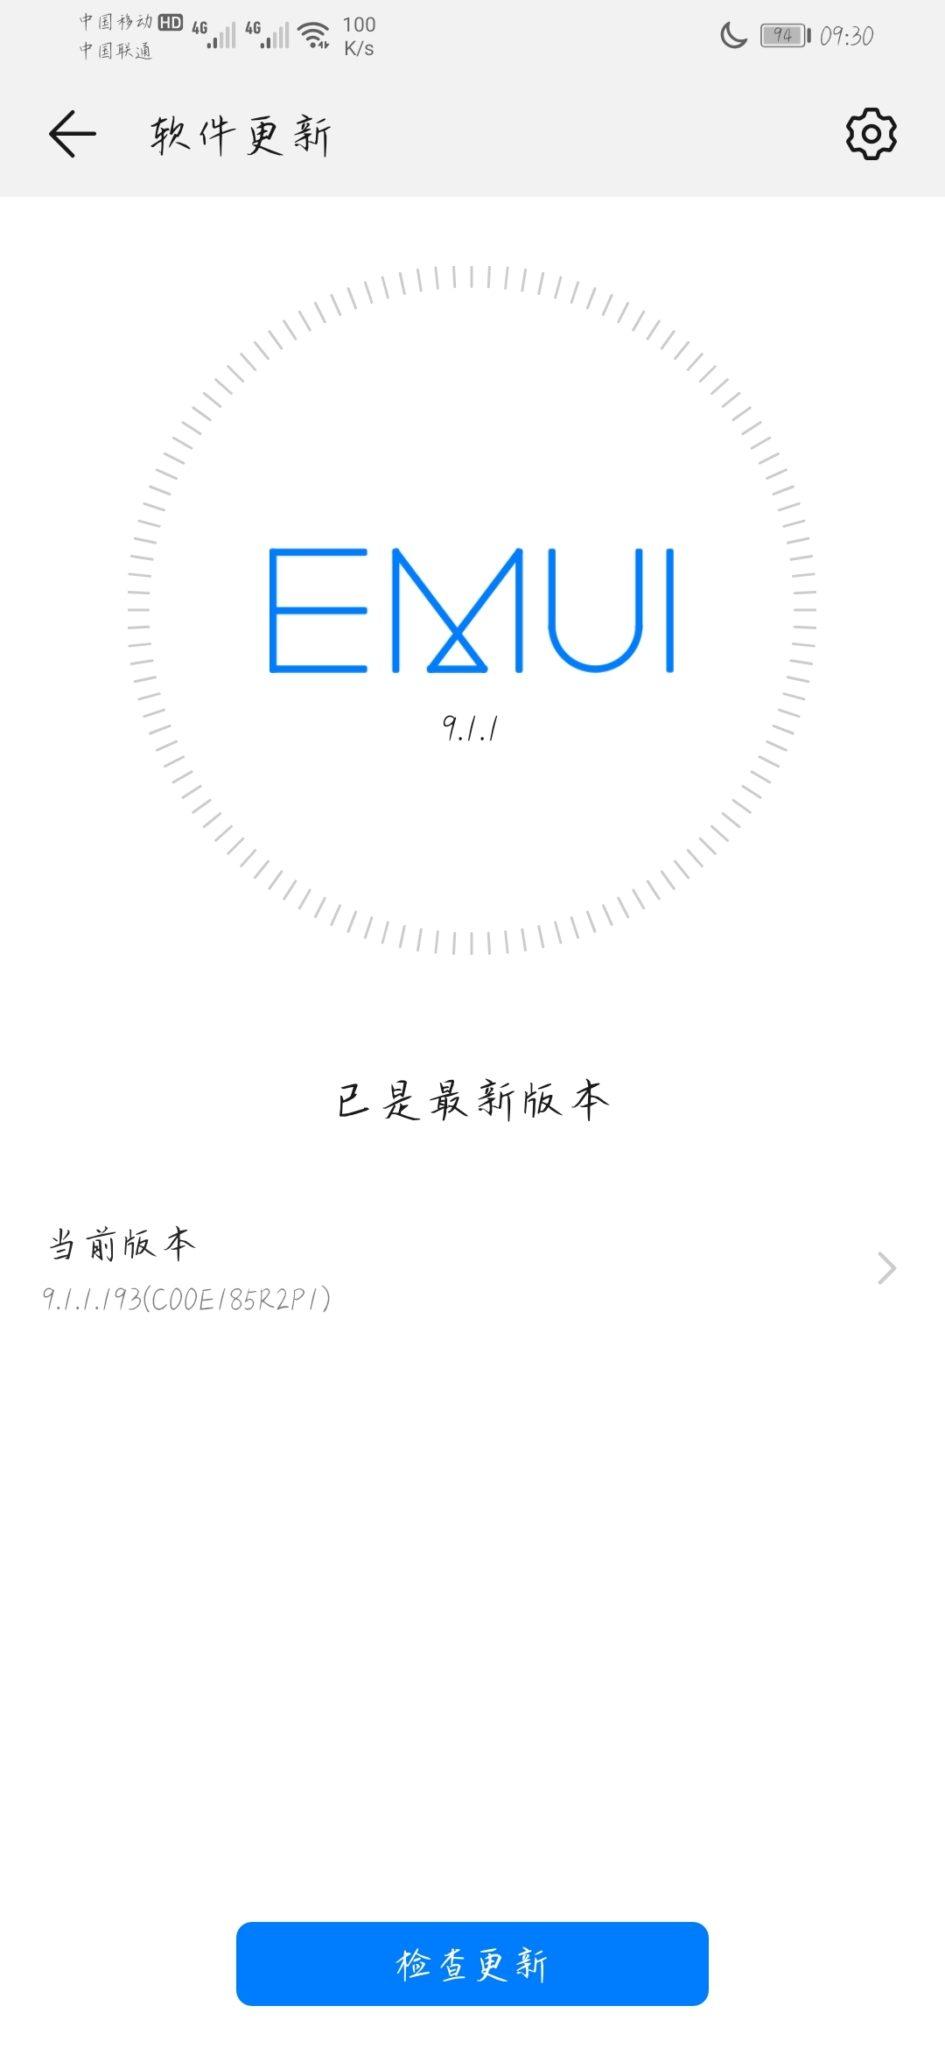 Huawei Nova 5 received EMUI 9.1.1.193 April 2020 security update